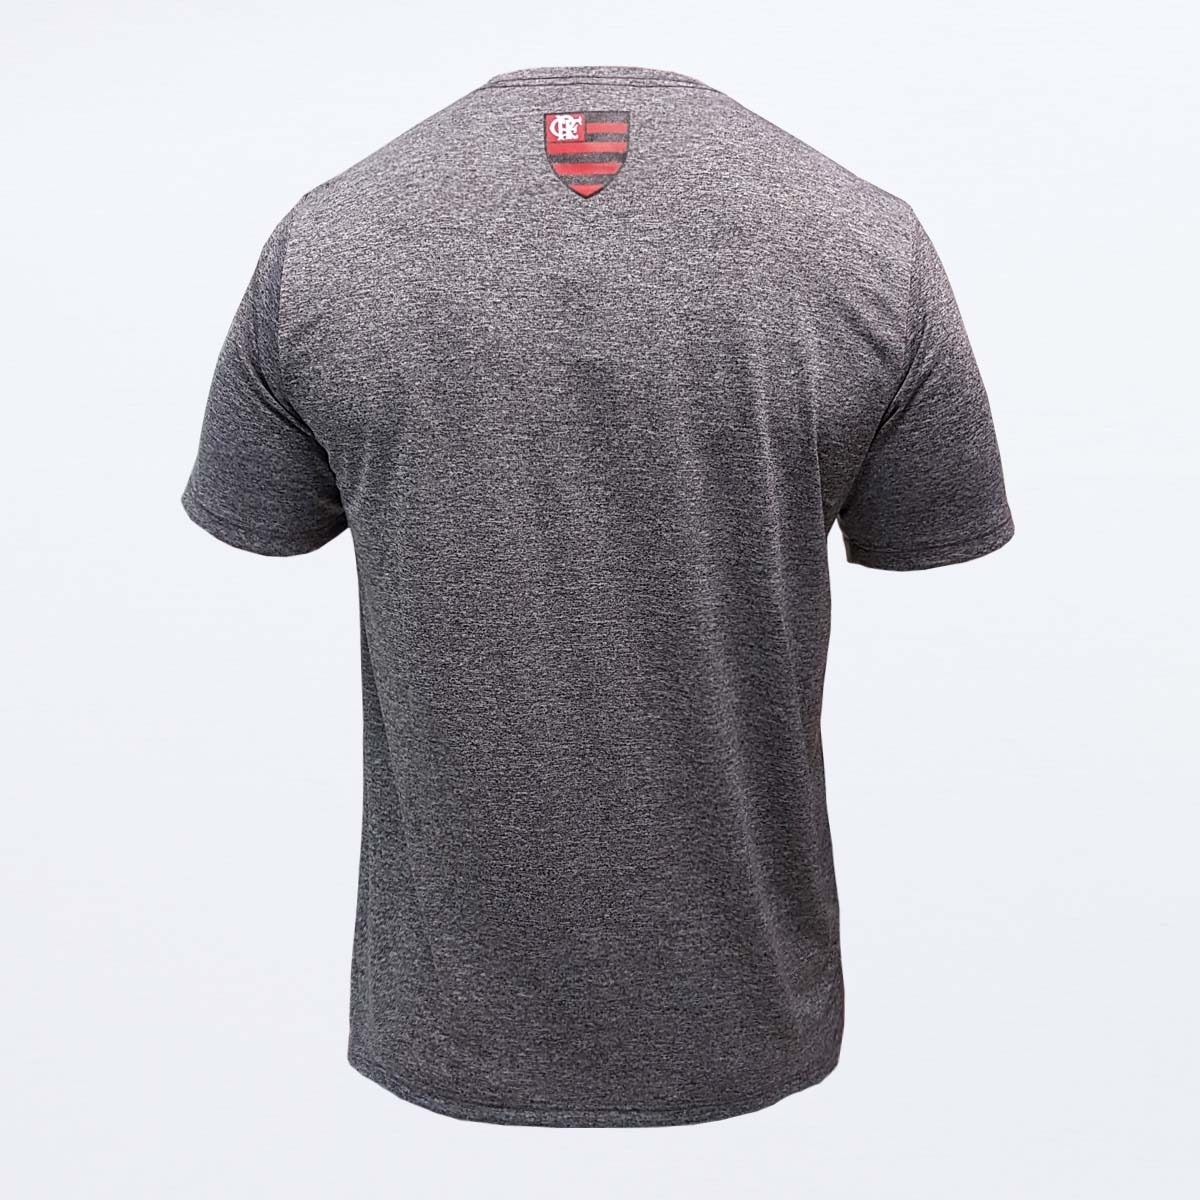 eb9d9590b8 Camisa Time Grande Não Cai Flamengo - Braziline - R  89